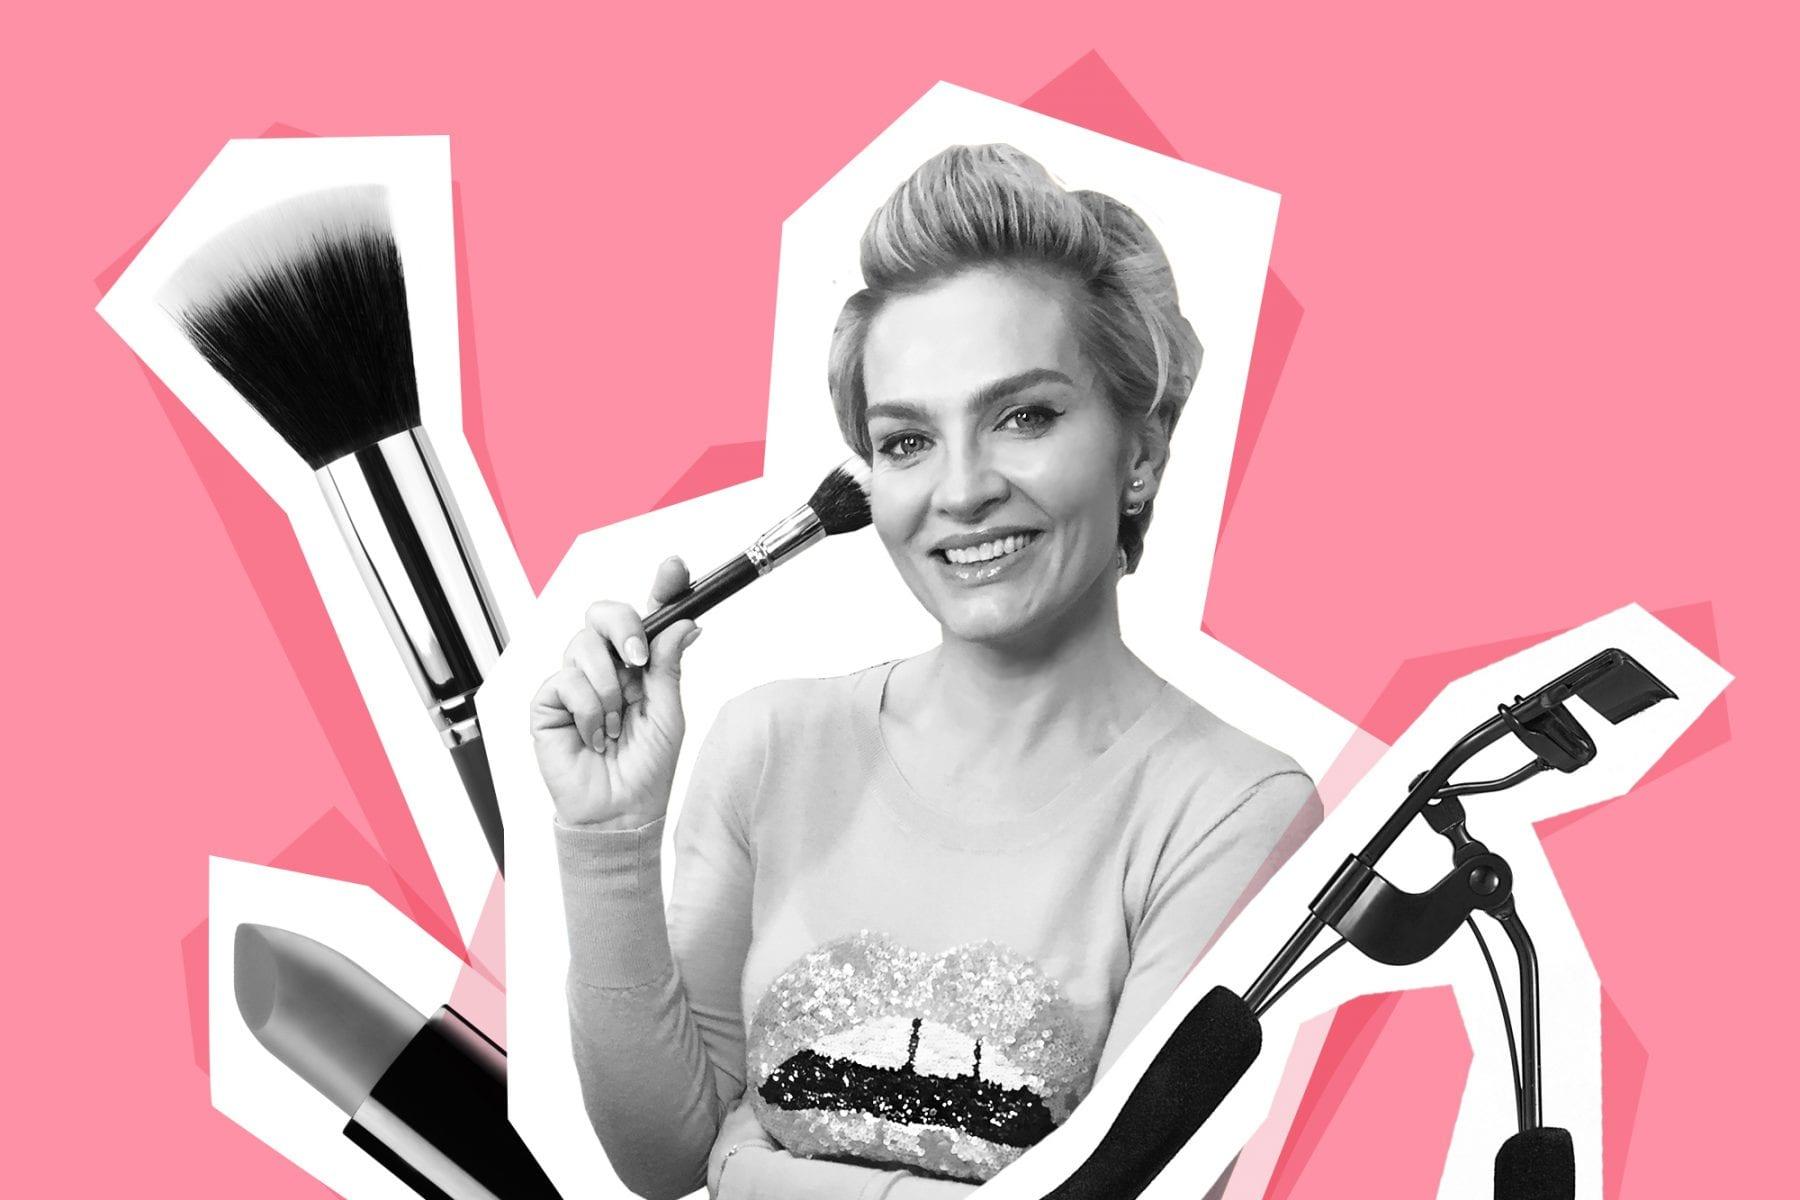 My Daily Grind: Emma O'Byrne, Makeup Artist